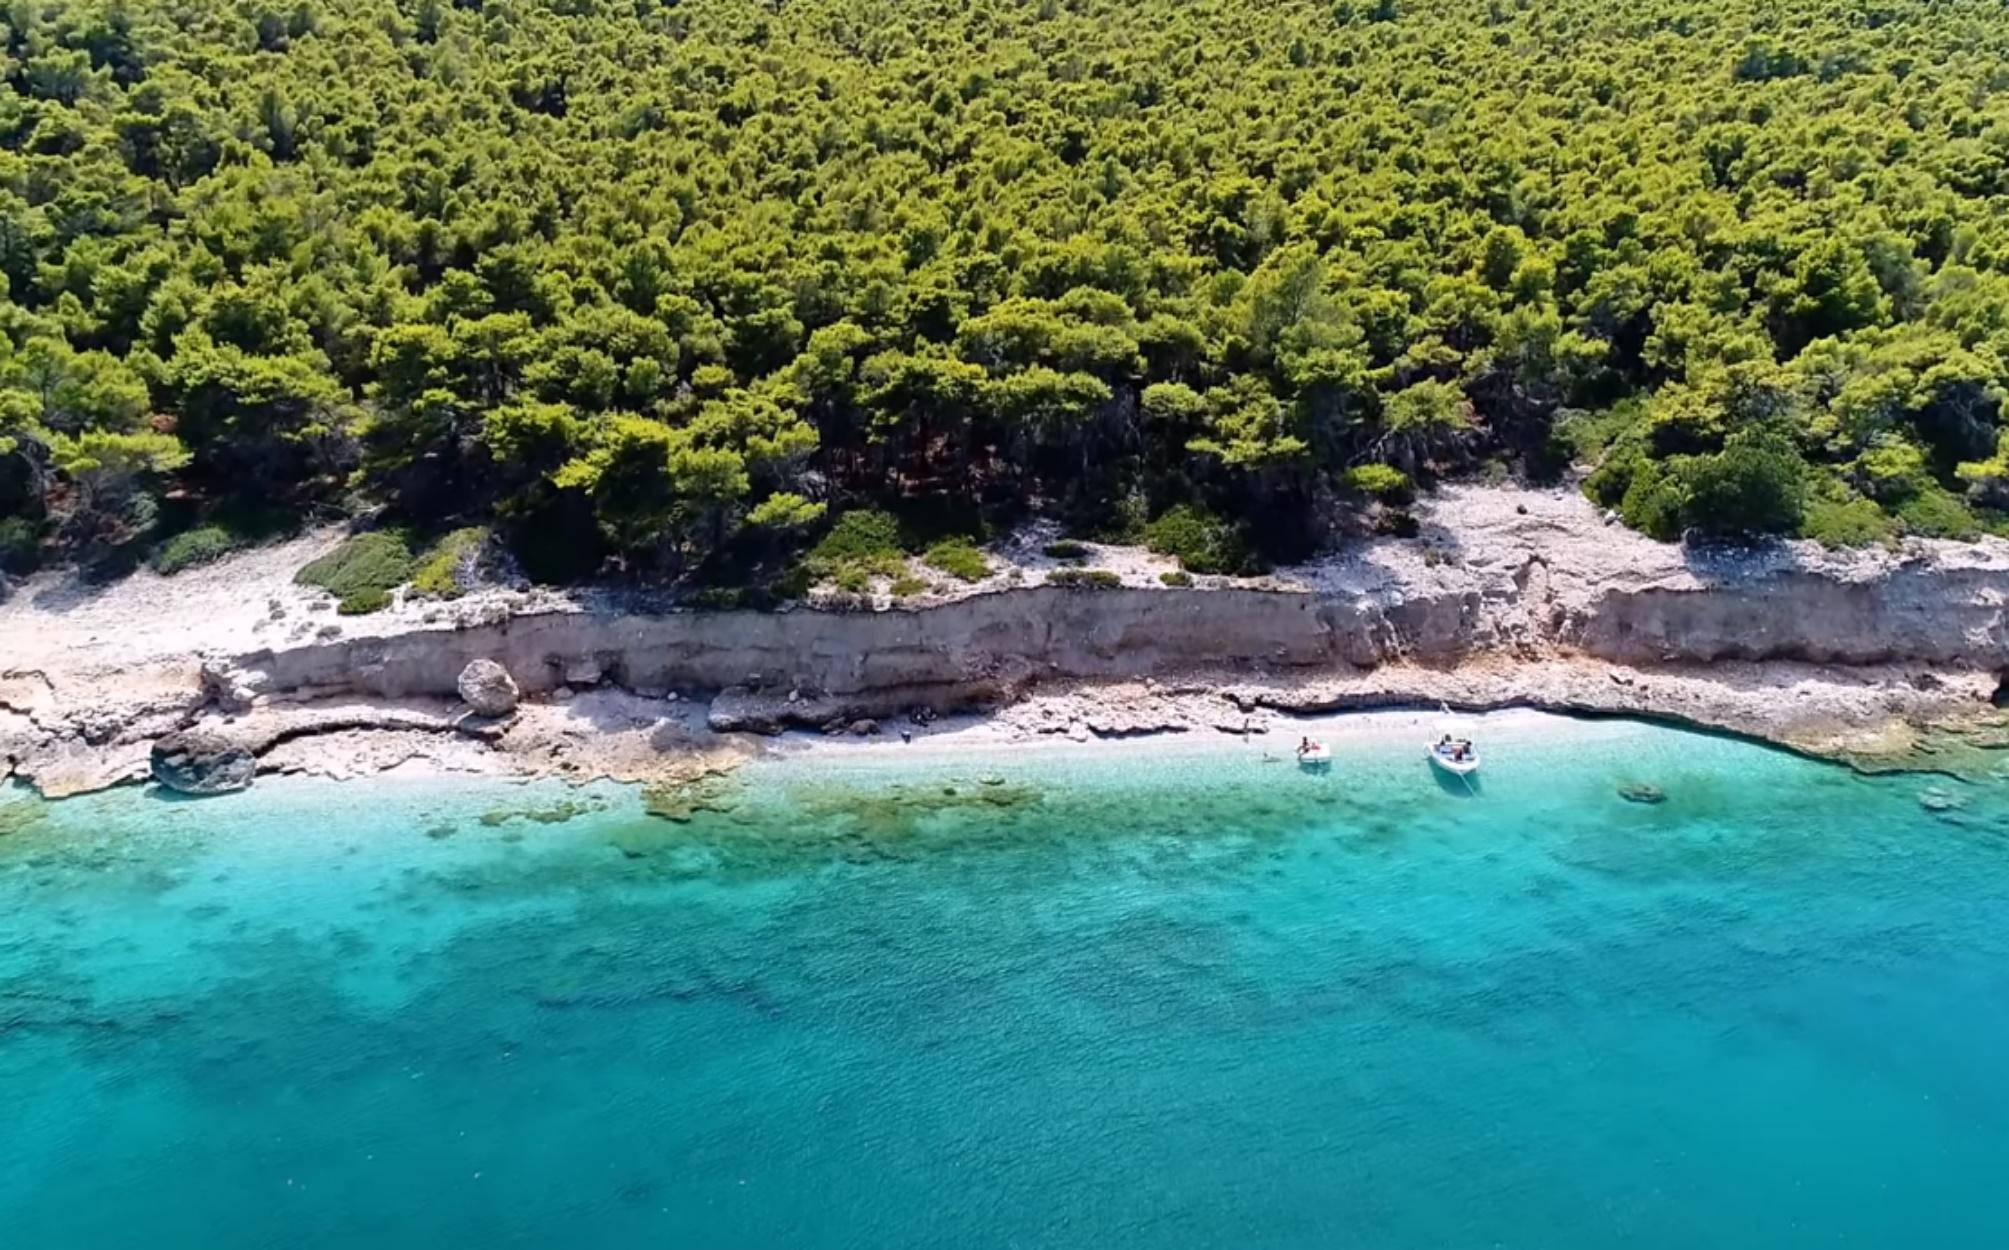 «Αυτό είναι το ελληνικό νησί – αποκάλυψη του φετινού καλοκαιριού» – Ύμνοι της Daily Telegraph